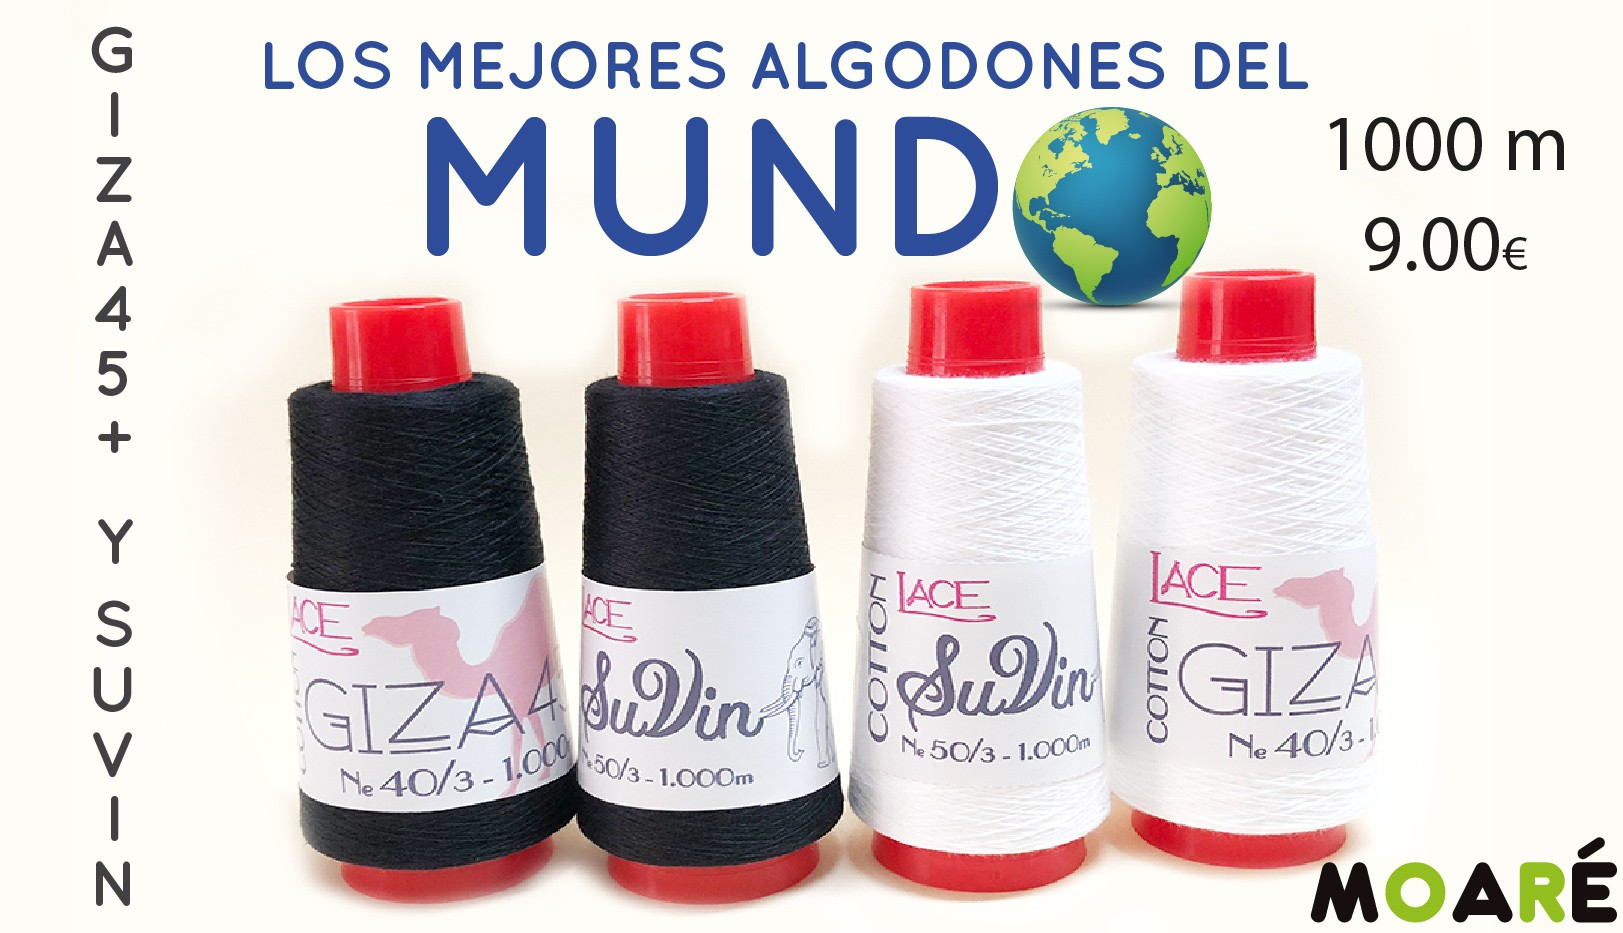 aLGODON GIZA Y SUVIN